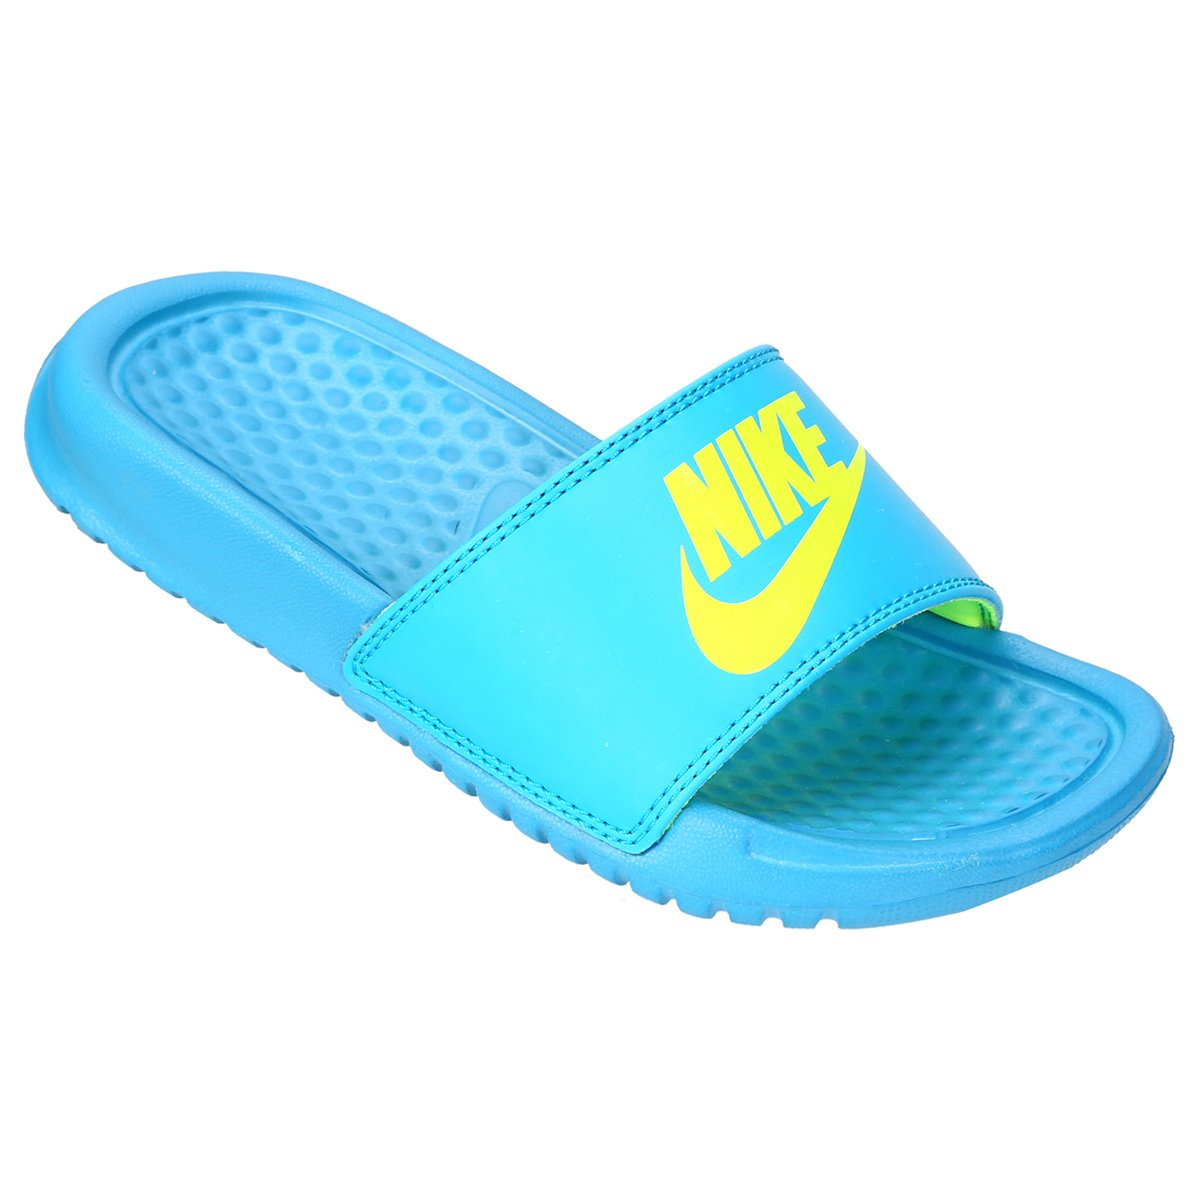 7f7e050457a Sandália Nike Benassi JDI GS PS Infantil - Compre Agora